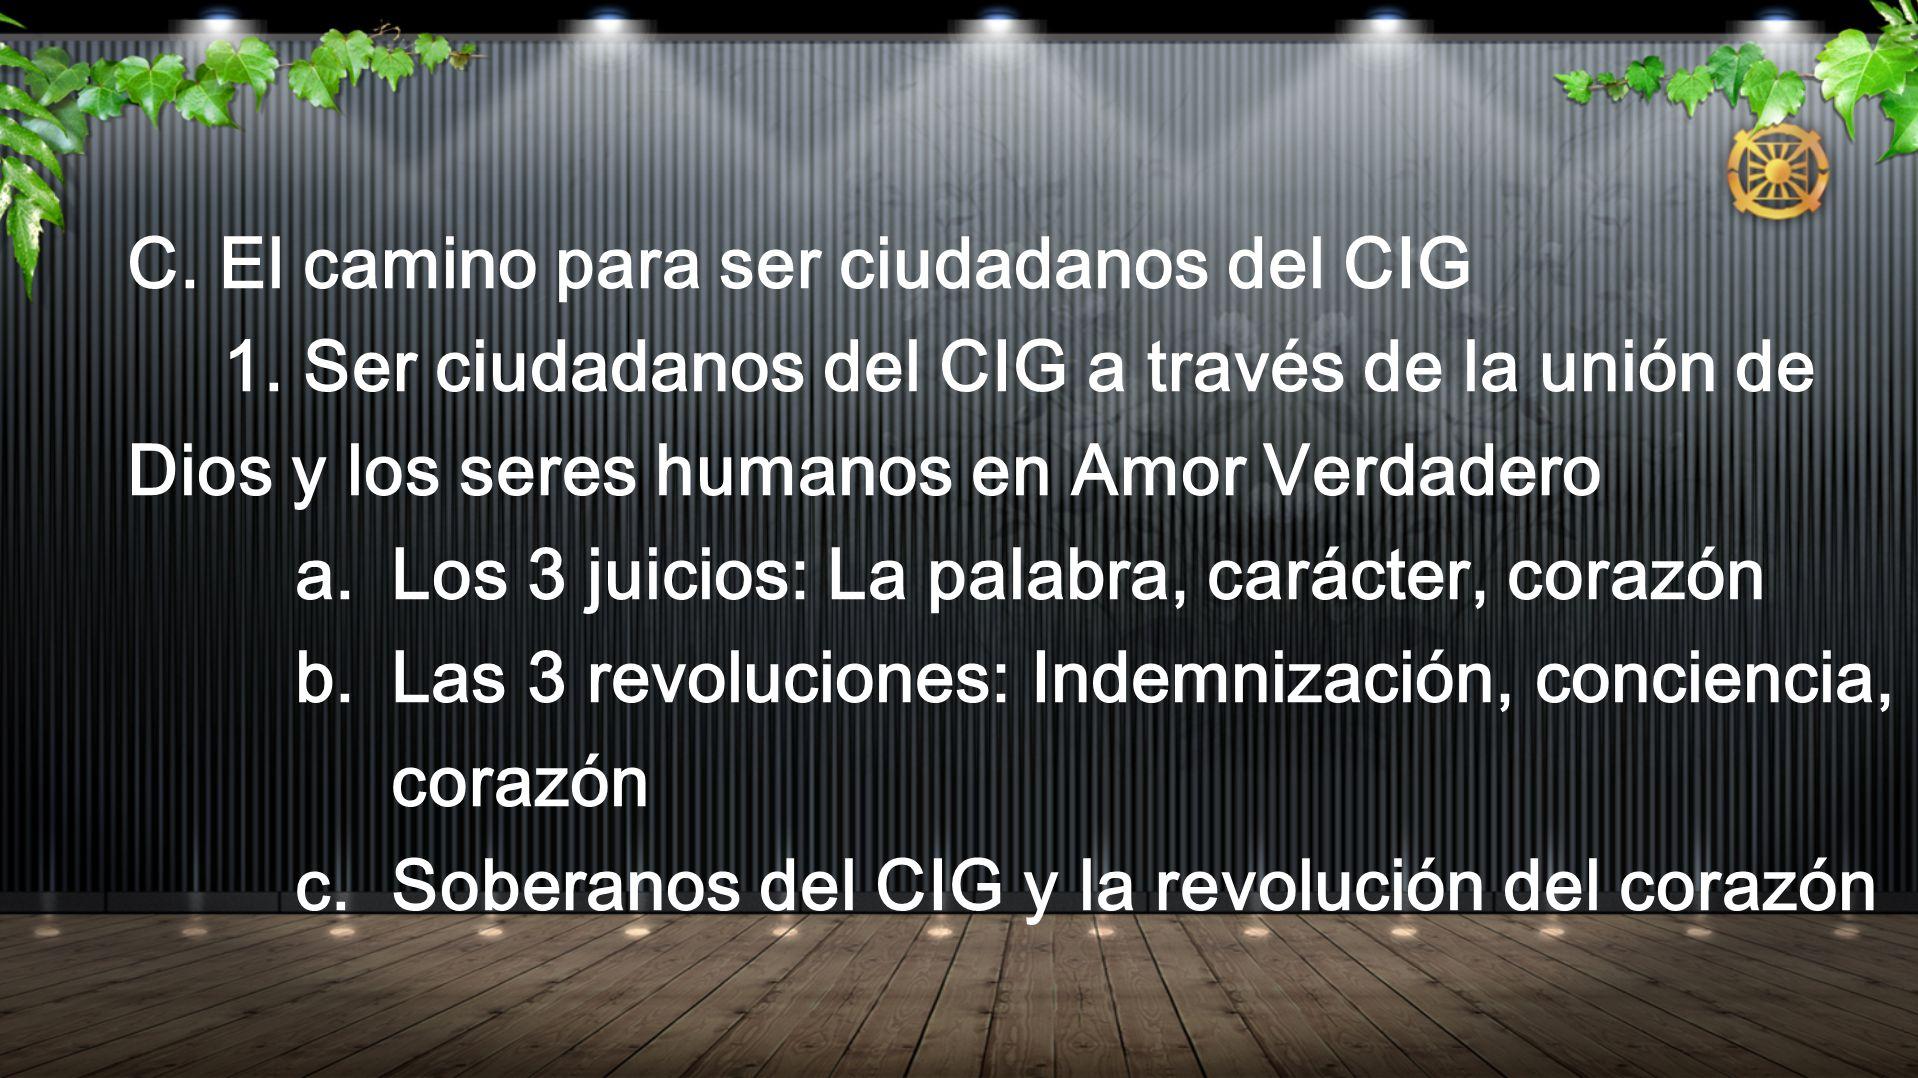 C. El camino para ser ciudadanos del CIG 1. Ser ciudadanos del CIG a través de la unión de Dios y los seres humanos en Amor Verdadero a. Los 3 juicios